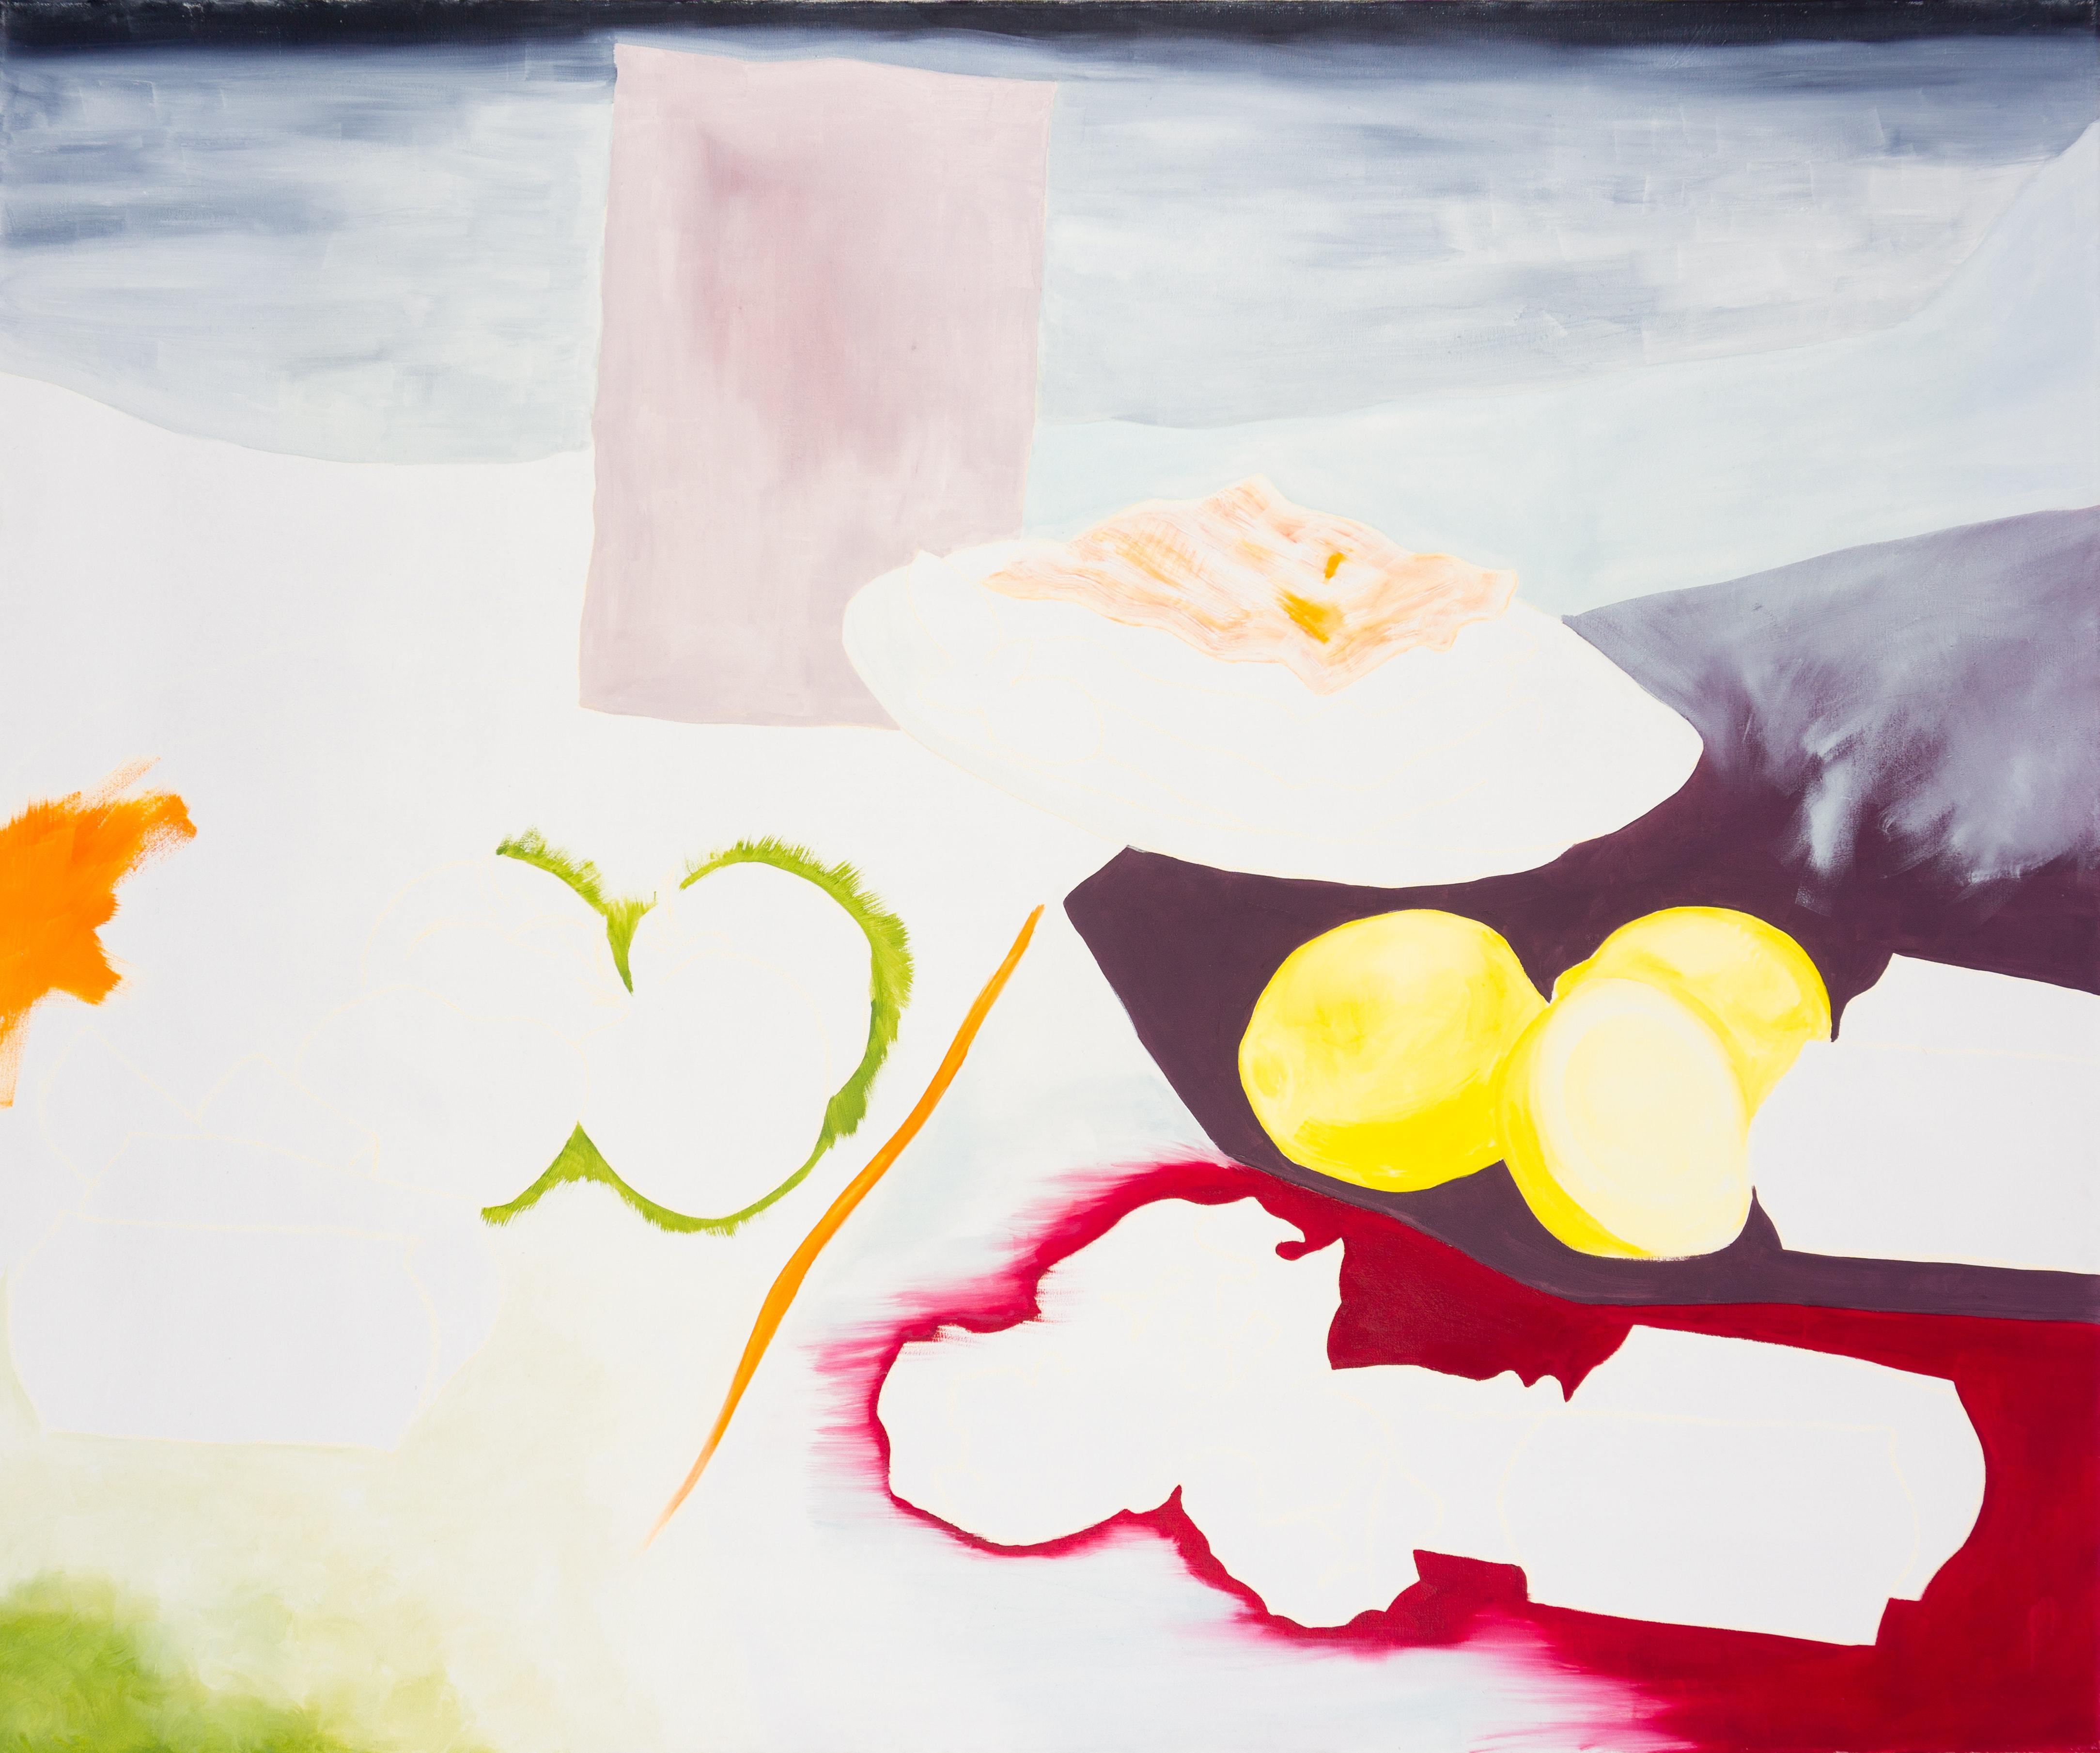 Malerei, Öl auf Leinwand, 120cm x 100cm, stilisierte Werbung für Lasagne, artist: Franziska King